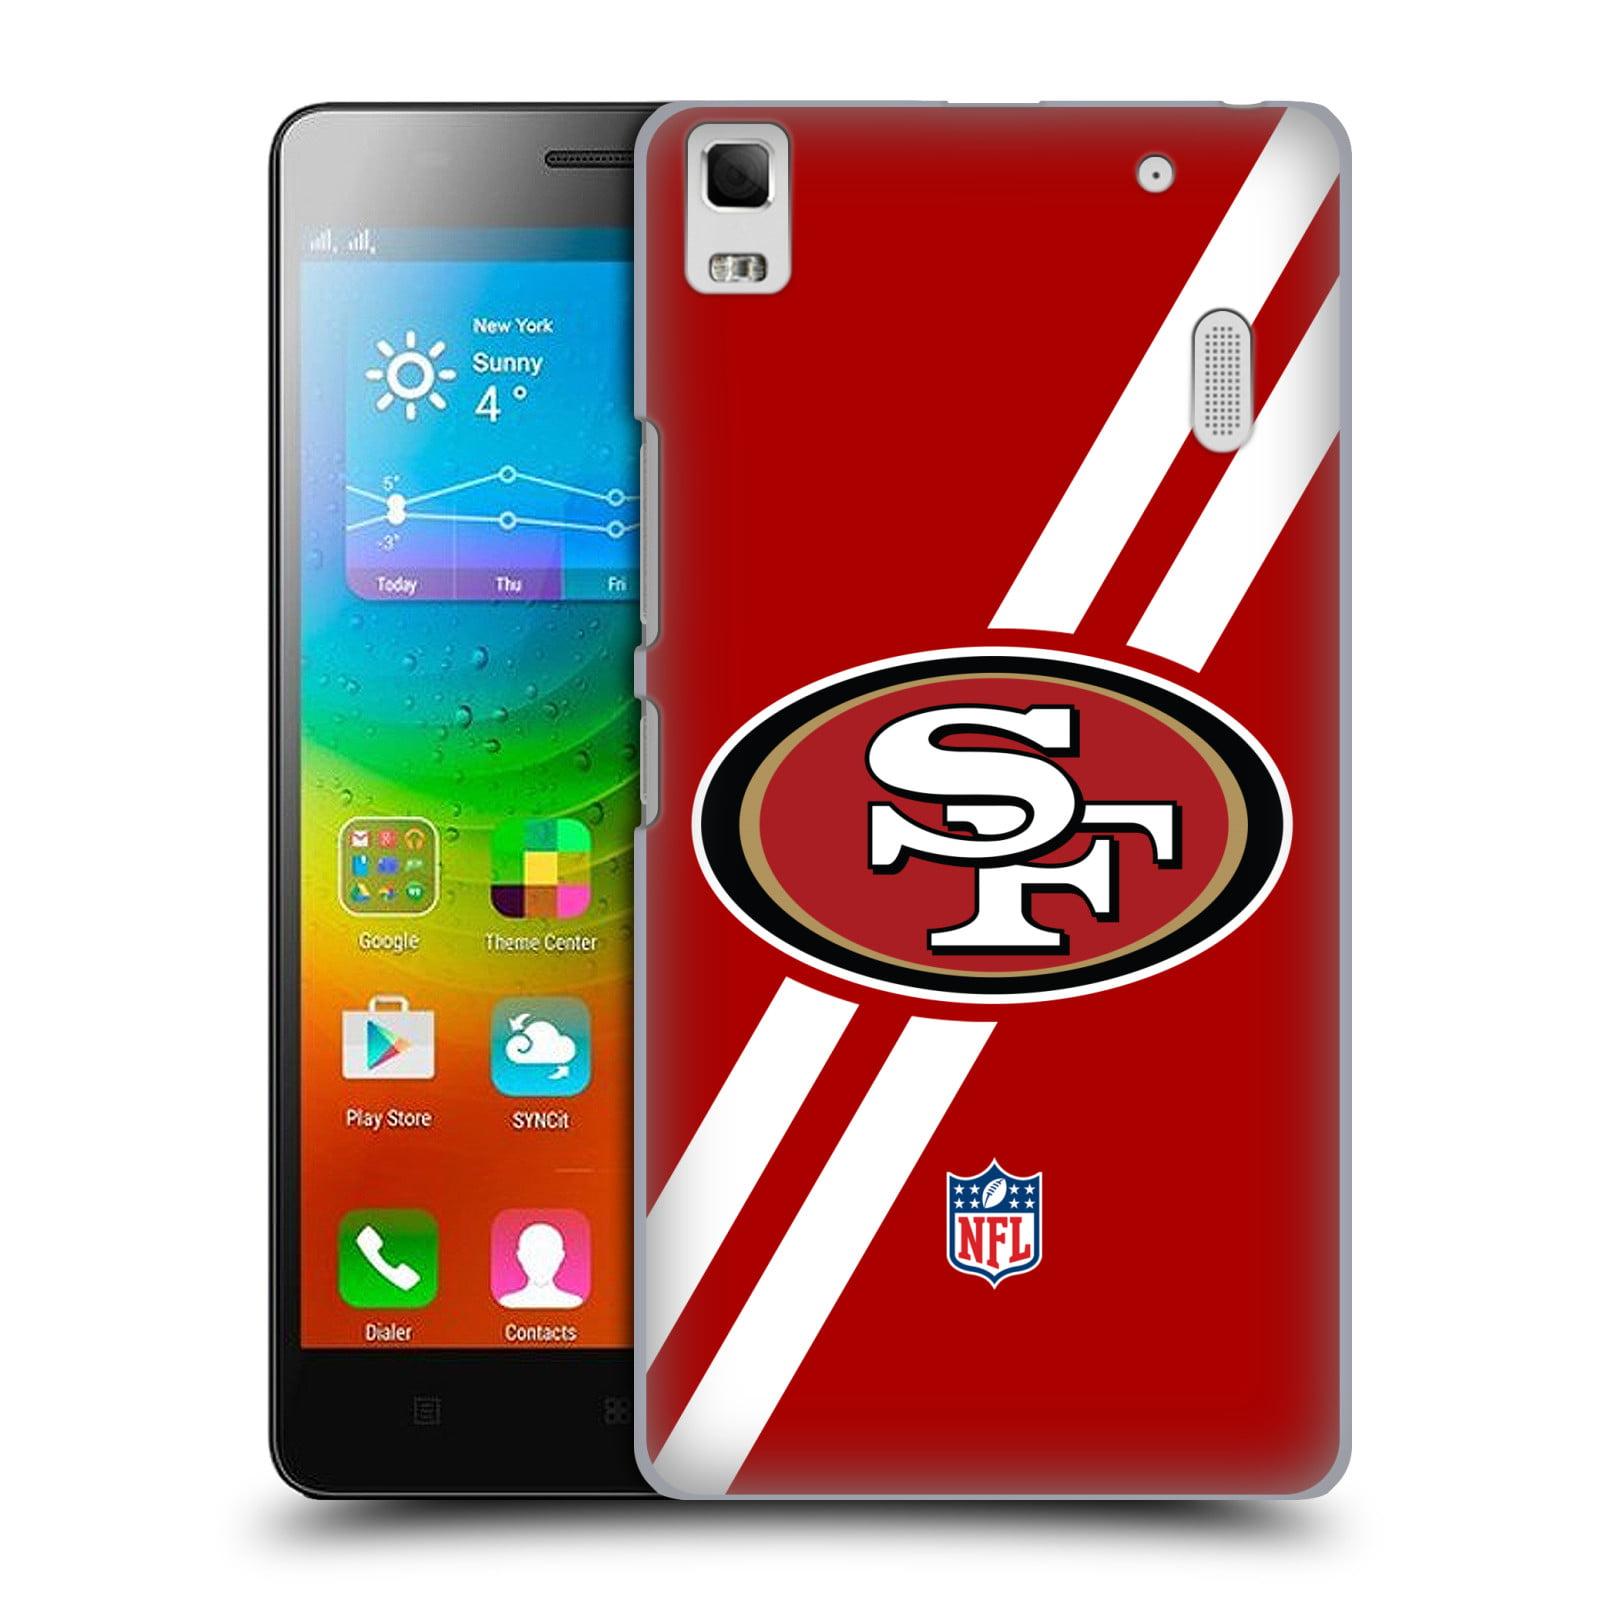 OFFICIAL NFL SAN FRANCISCO 49ERS LOGO HARD BACK CASE FOR LENOVO PHONES